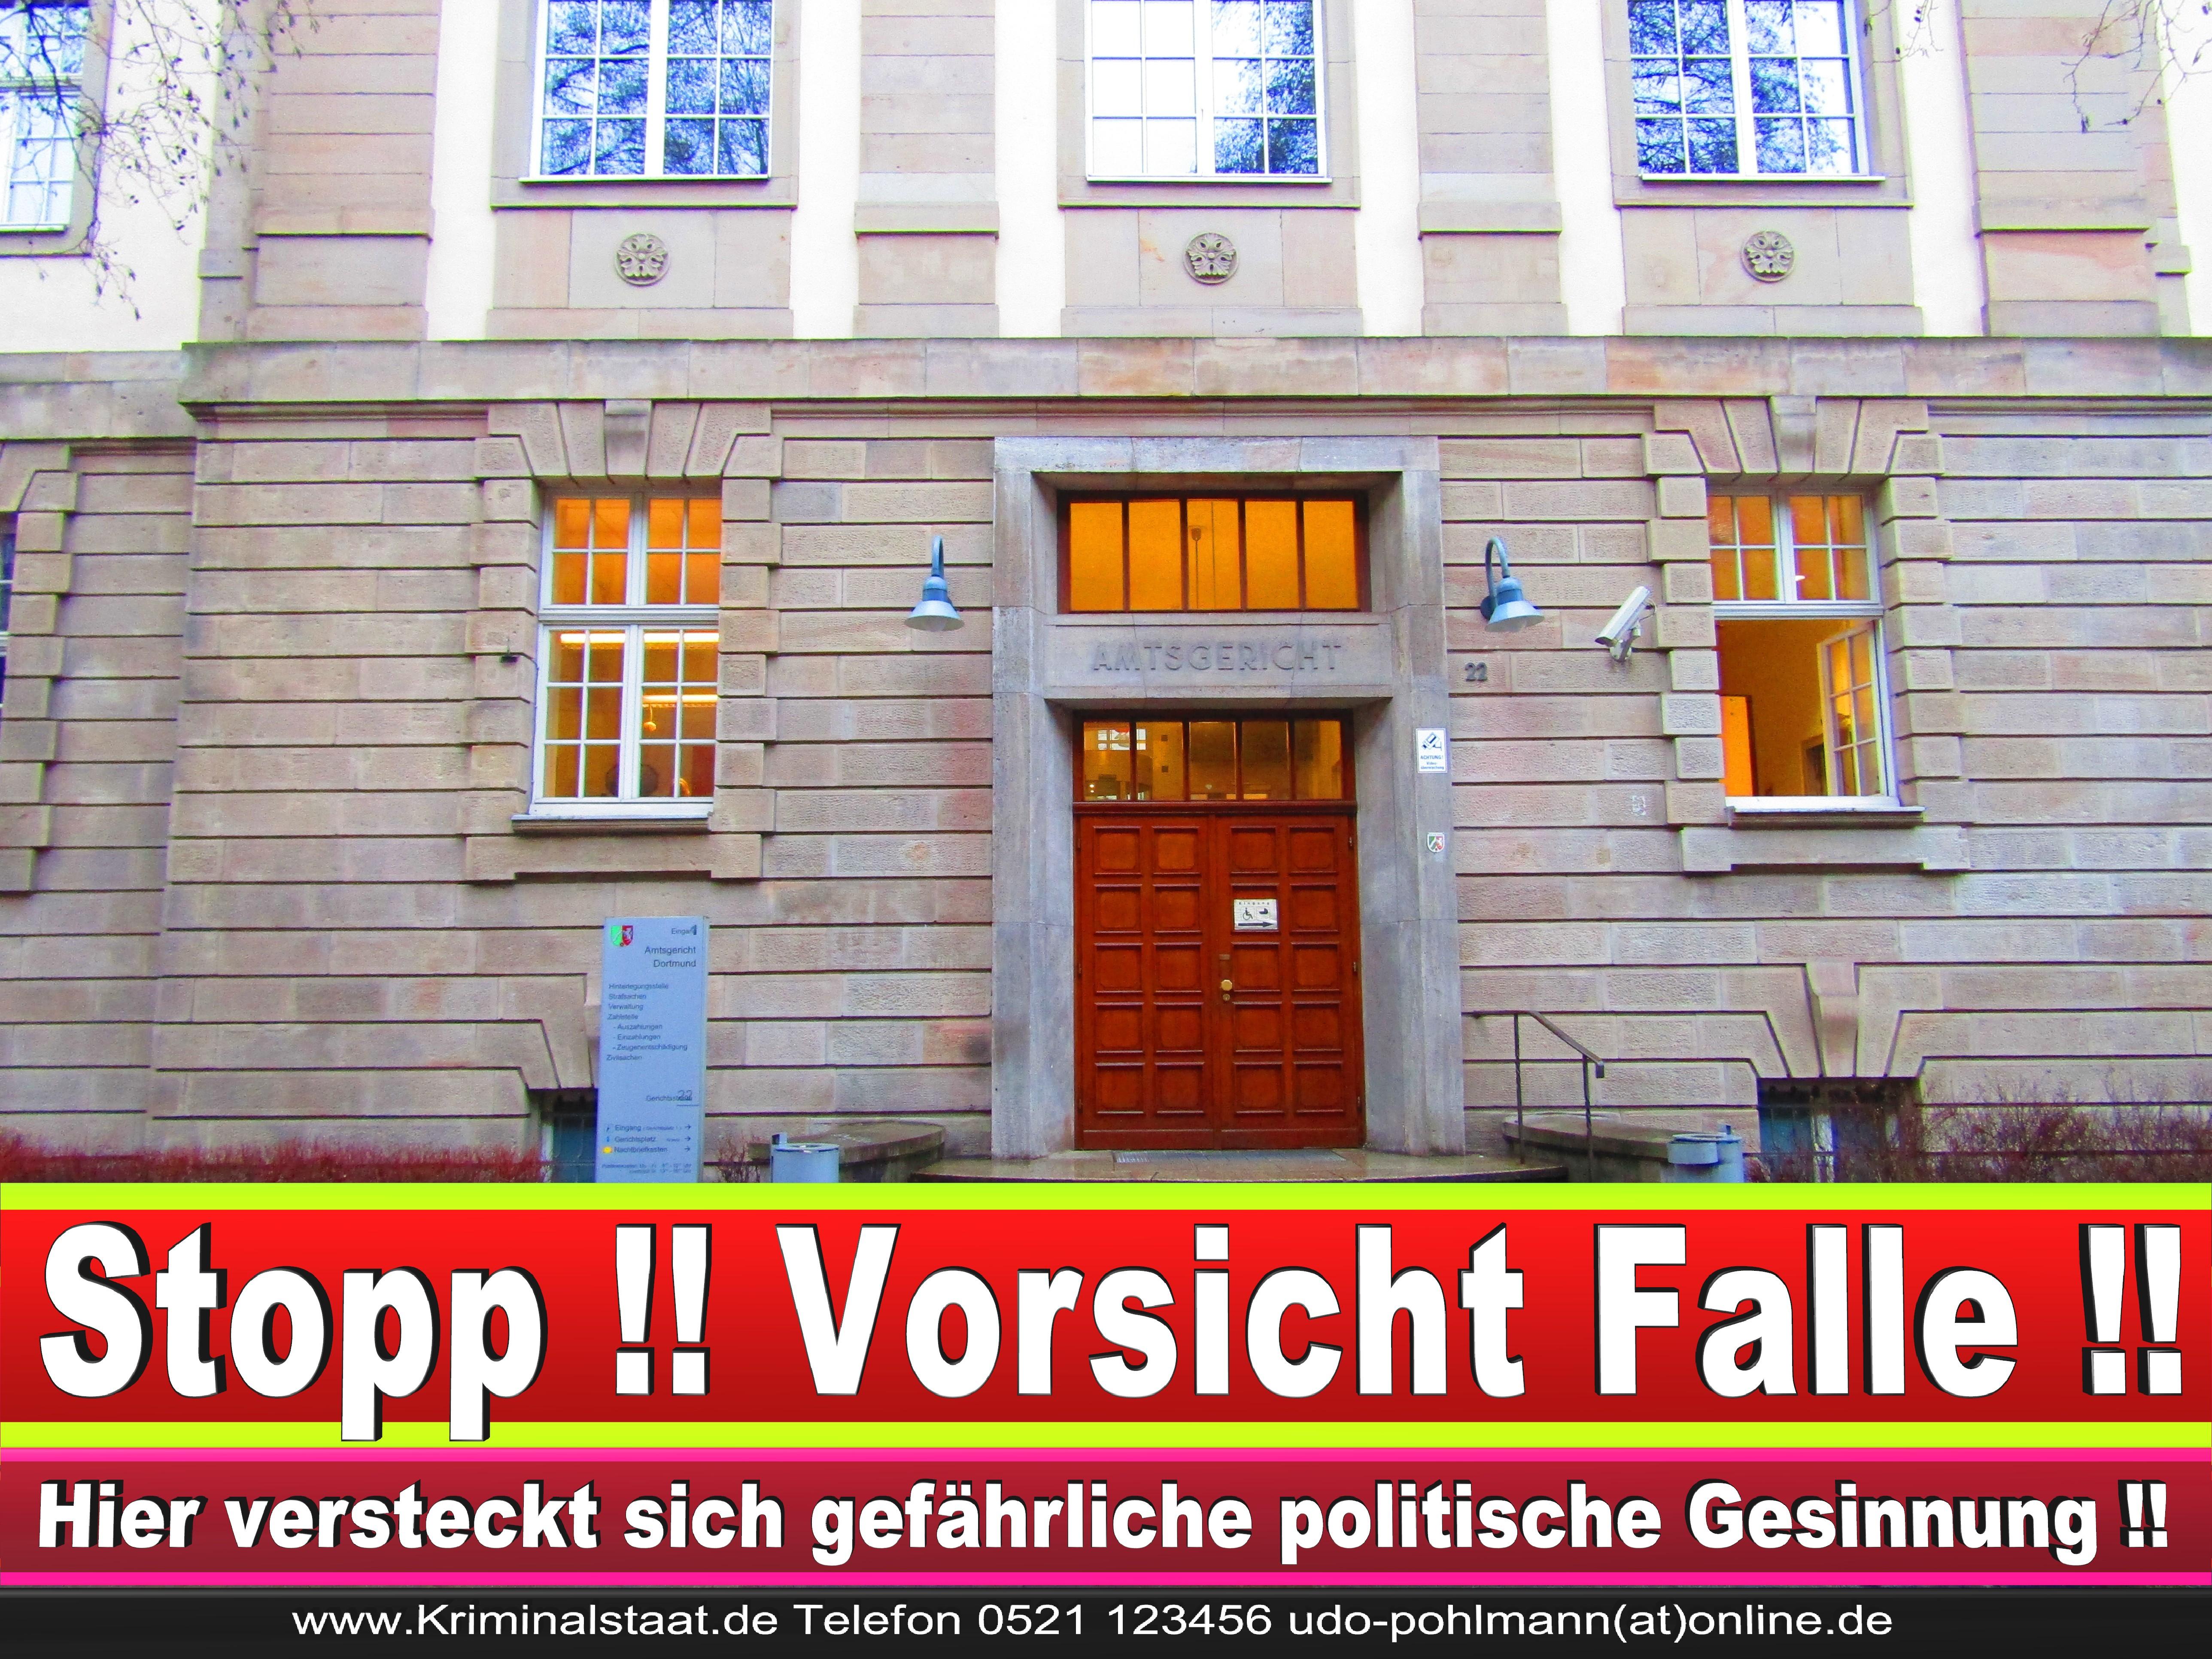 AMTSGERICHT DORTMUND RICHTER AUSBILDUNG PRAKTIKUM ANFAHRT URTEILE KORRUPTION POLIZEI ADRESSE DIREKTOR (2) 2